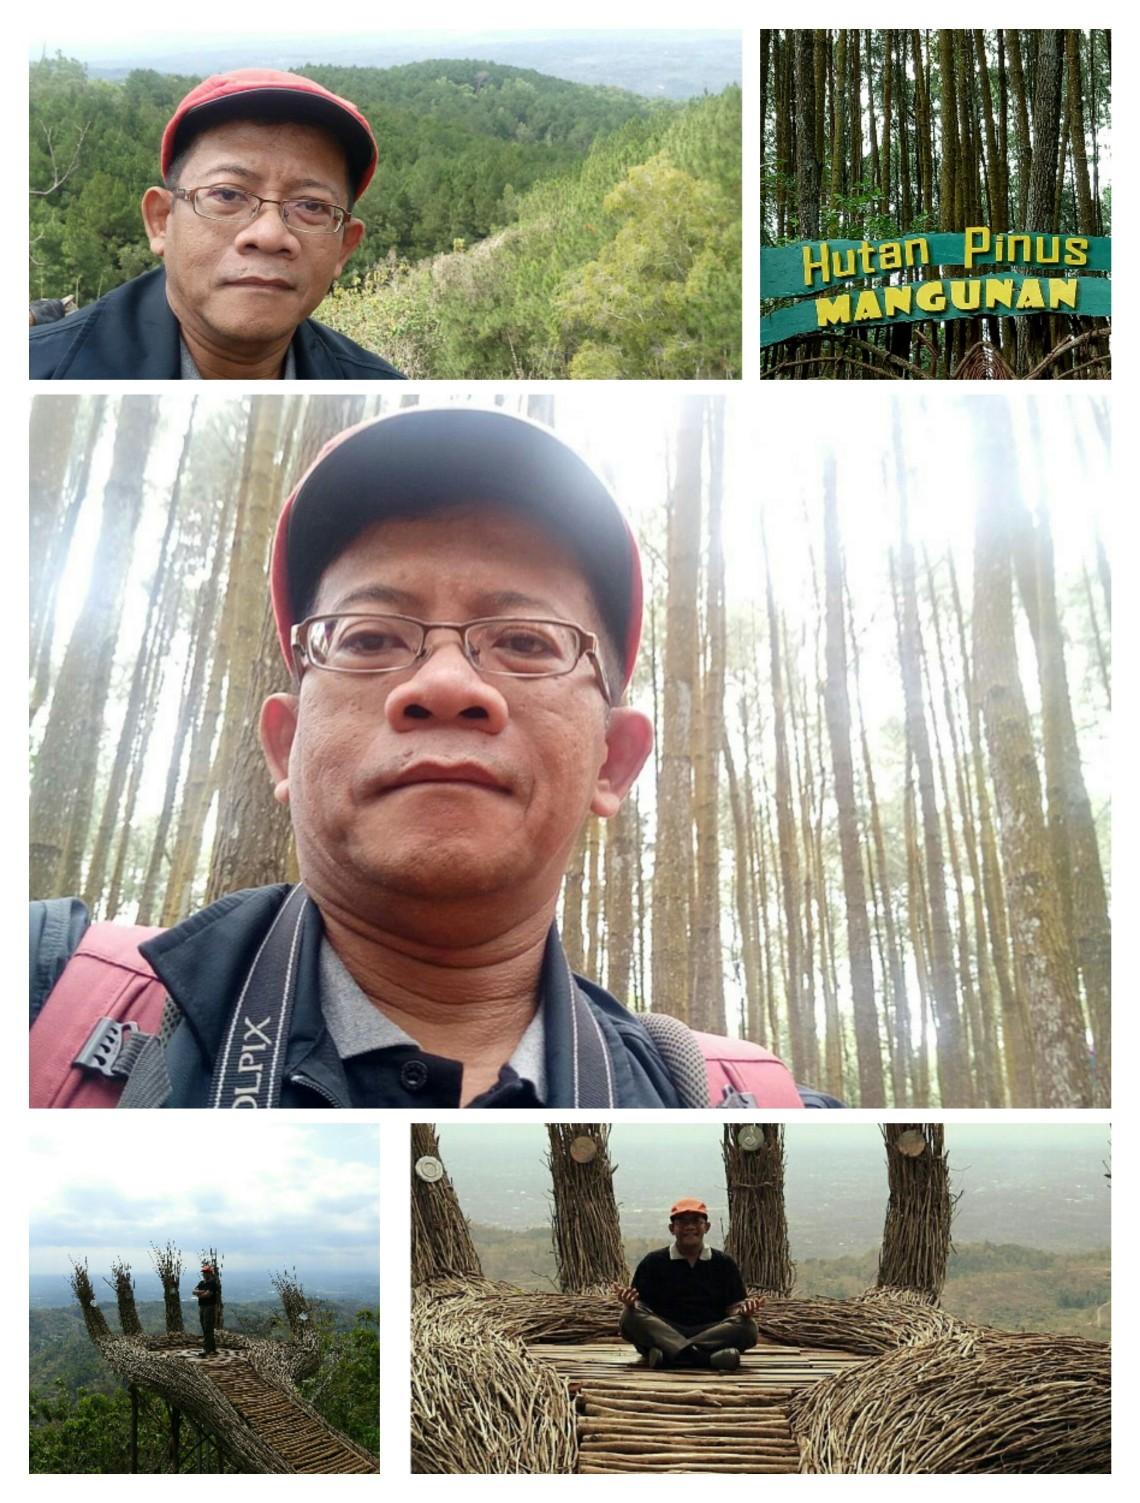 Hutan pinus mangunana